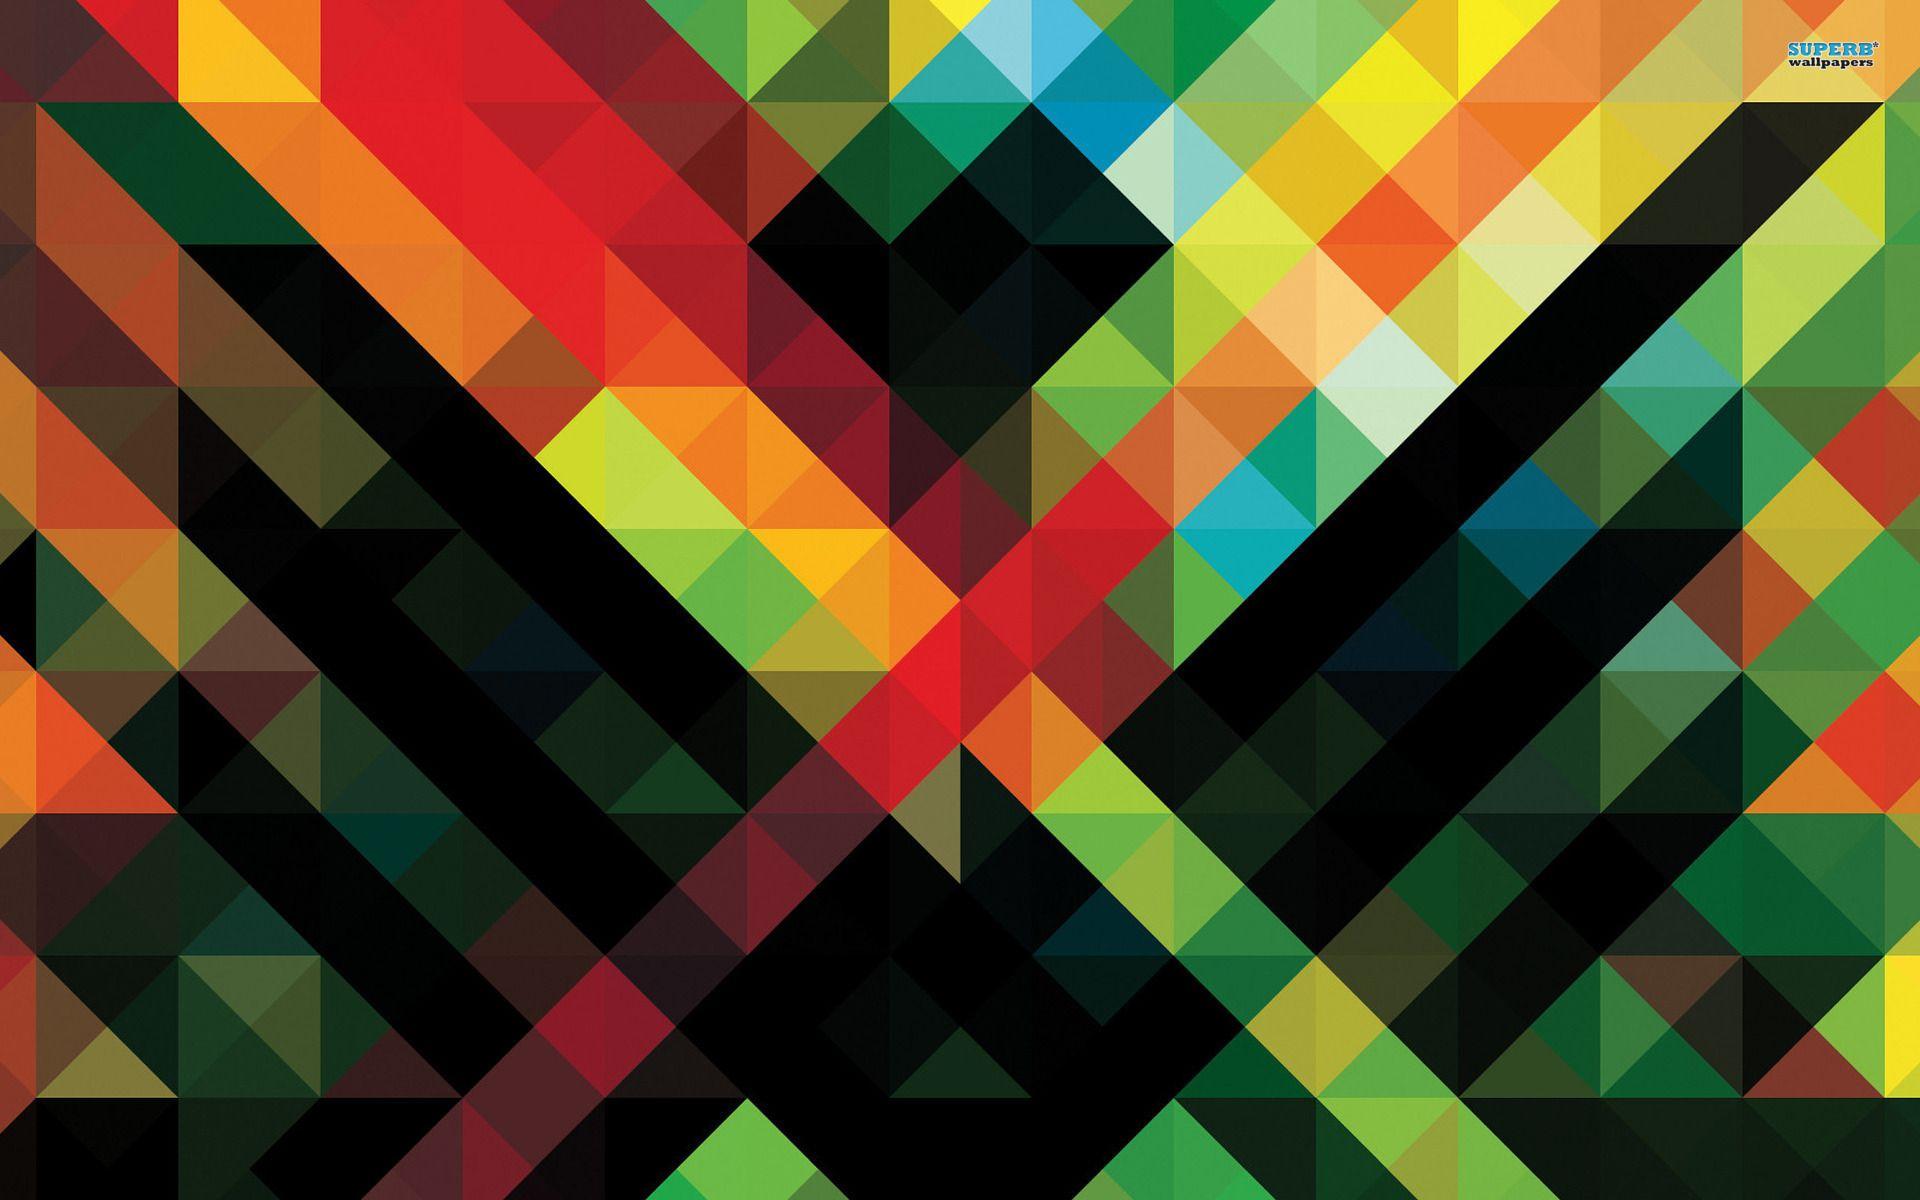 Top Wallpaper Mac Abstract - bd02f9a6a12fa2347f8f272f321e8010  Gallery_259116.jpg